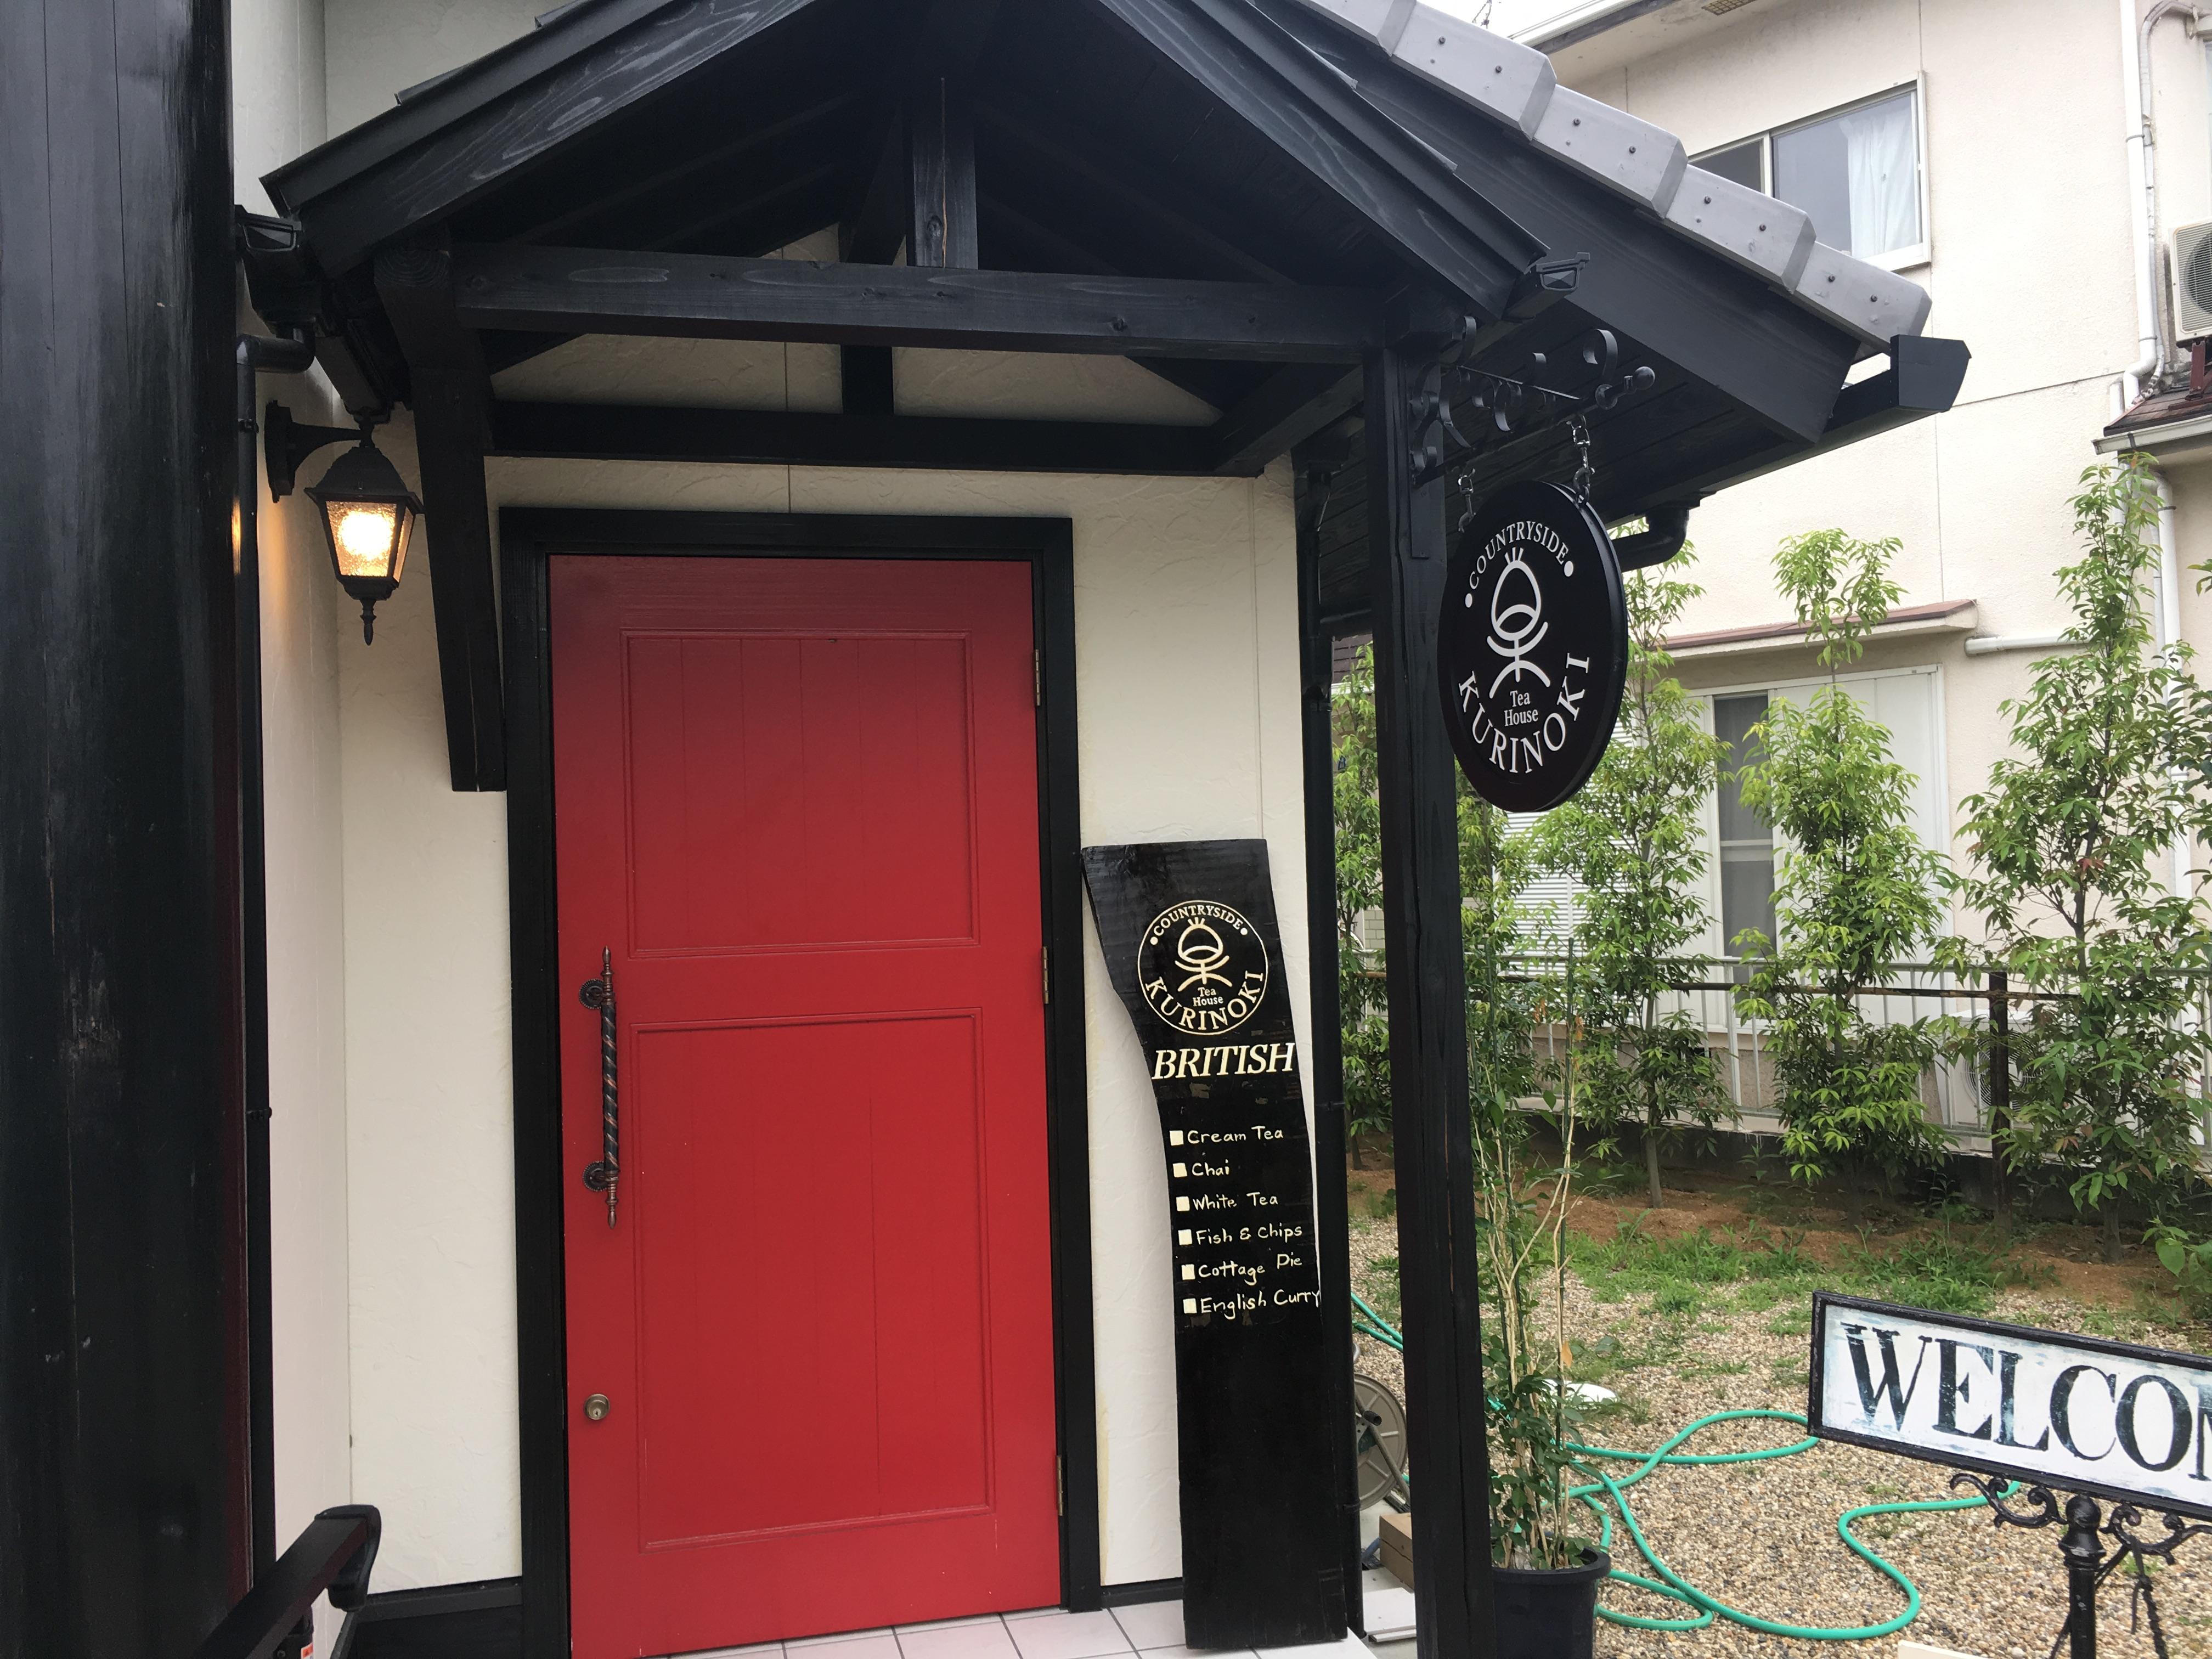 奈良天理の紅茶専門店「くりのき」のキャロットケーキをレビュー!絶品だった。